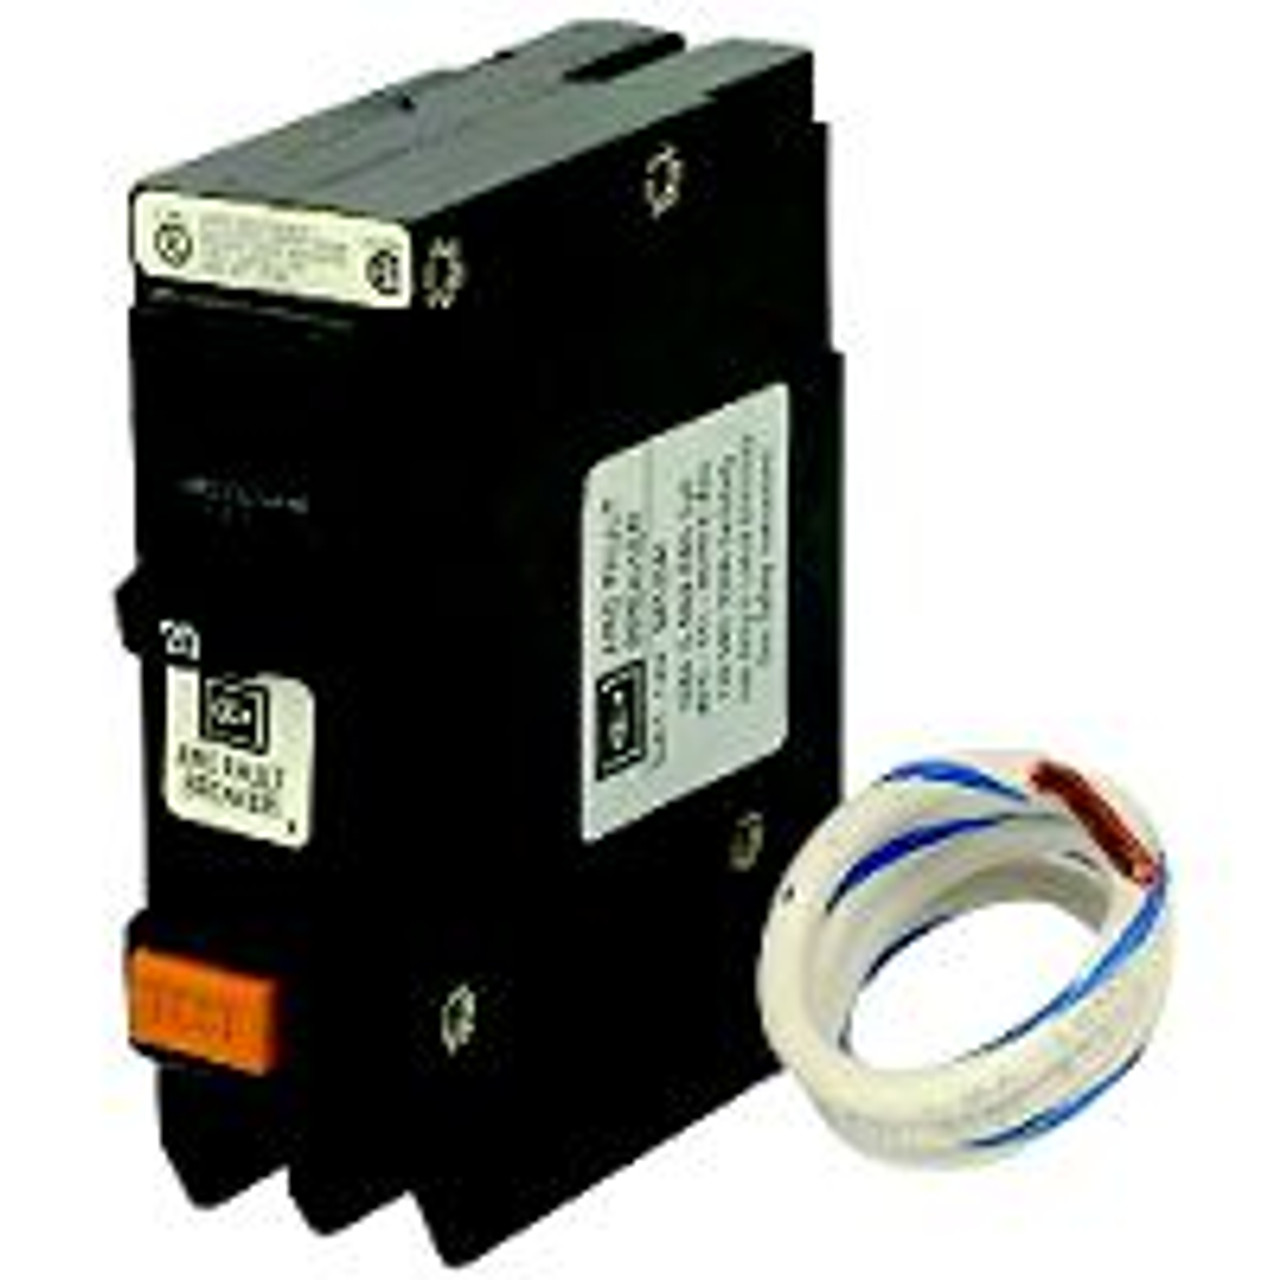 Cutler Hammer BRN115AF 1 Pole 15 Amp 120/240V Arc Fault Combo Circuit Breaker - New